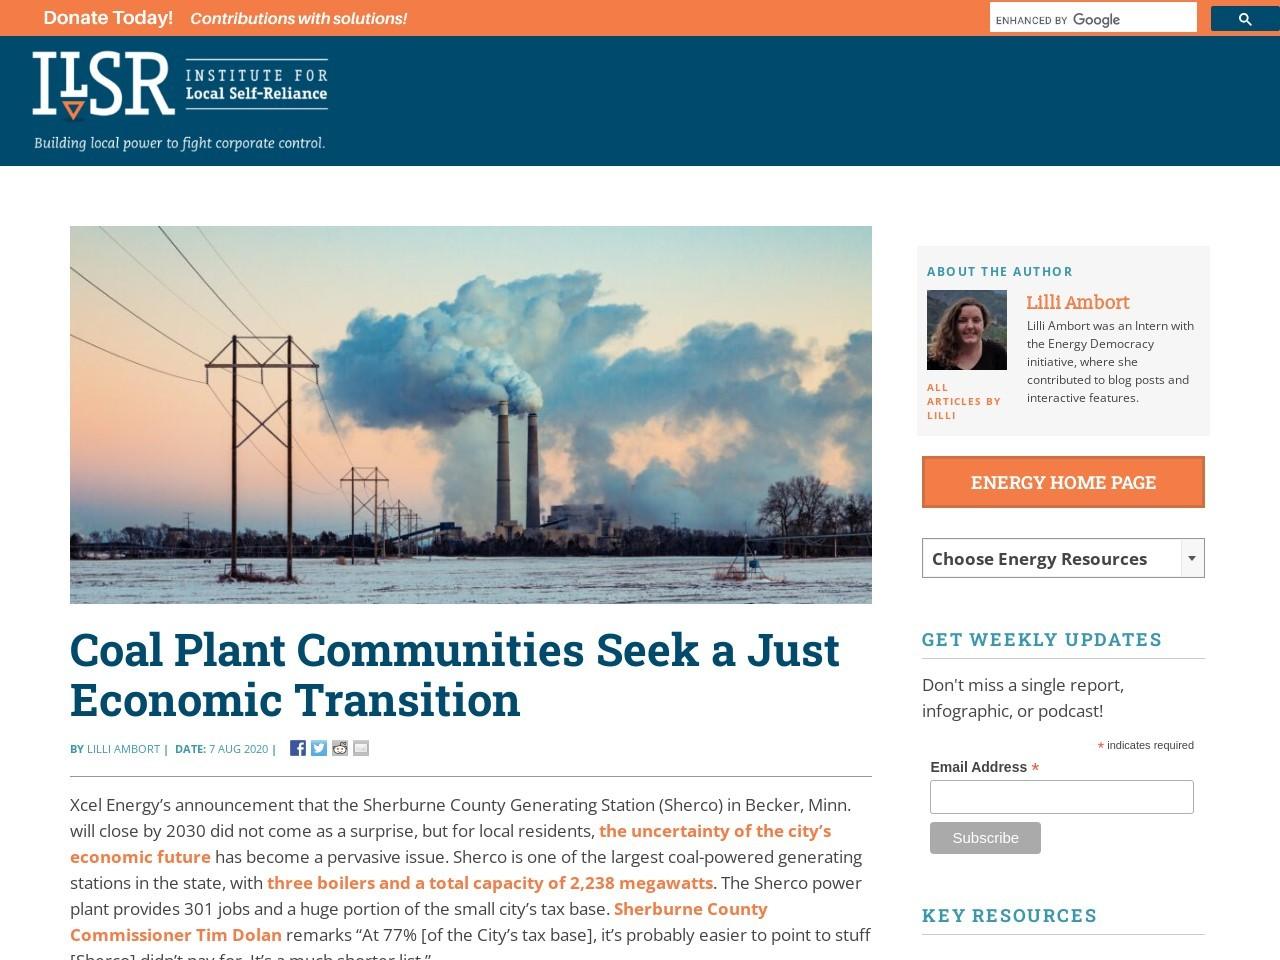 Coal Plant Communities Seek a Just Economic Transition